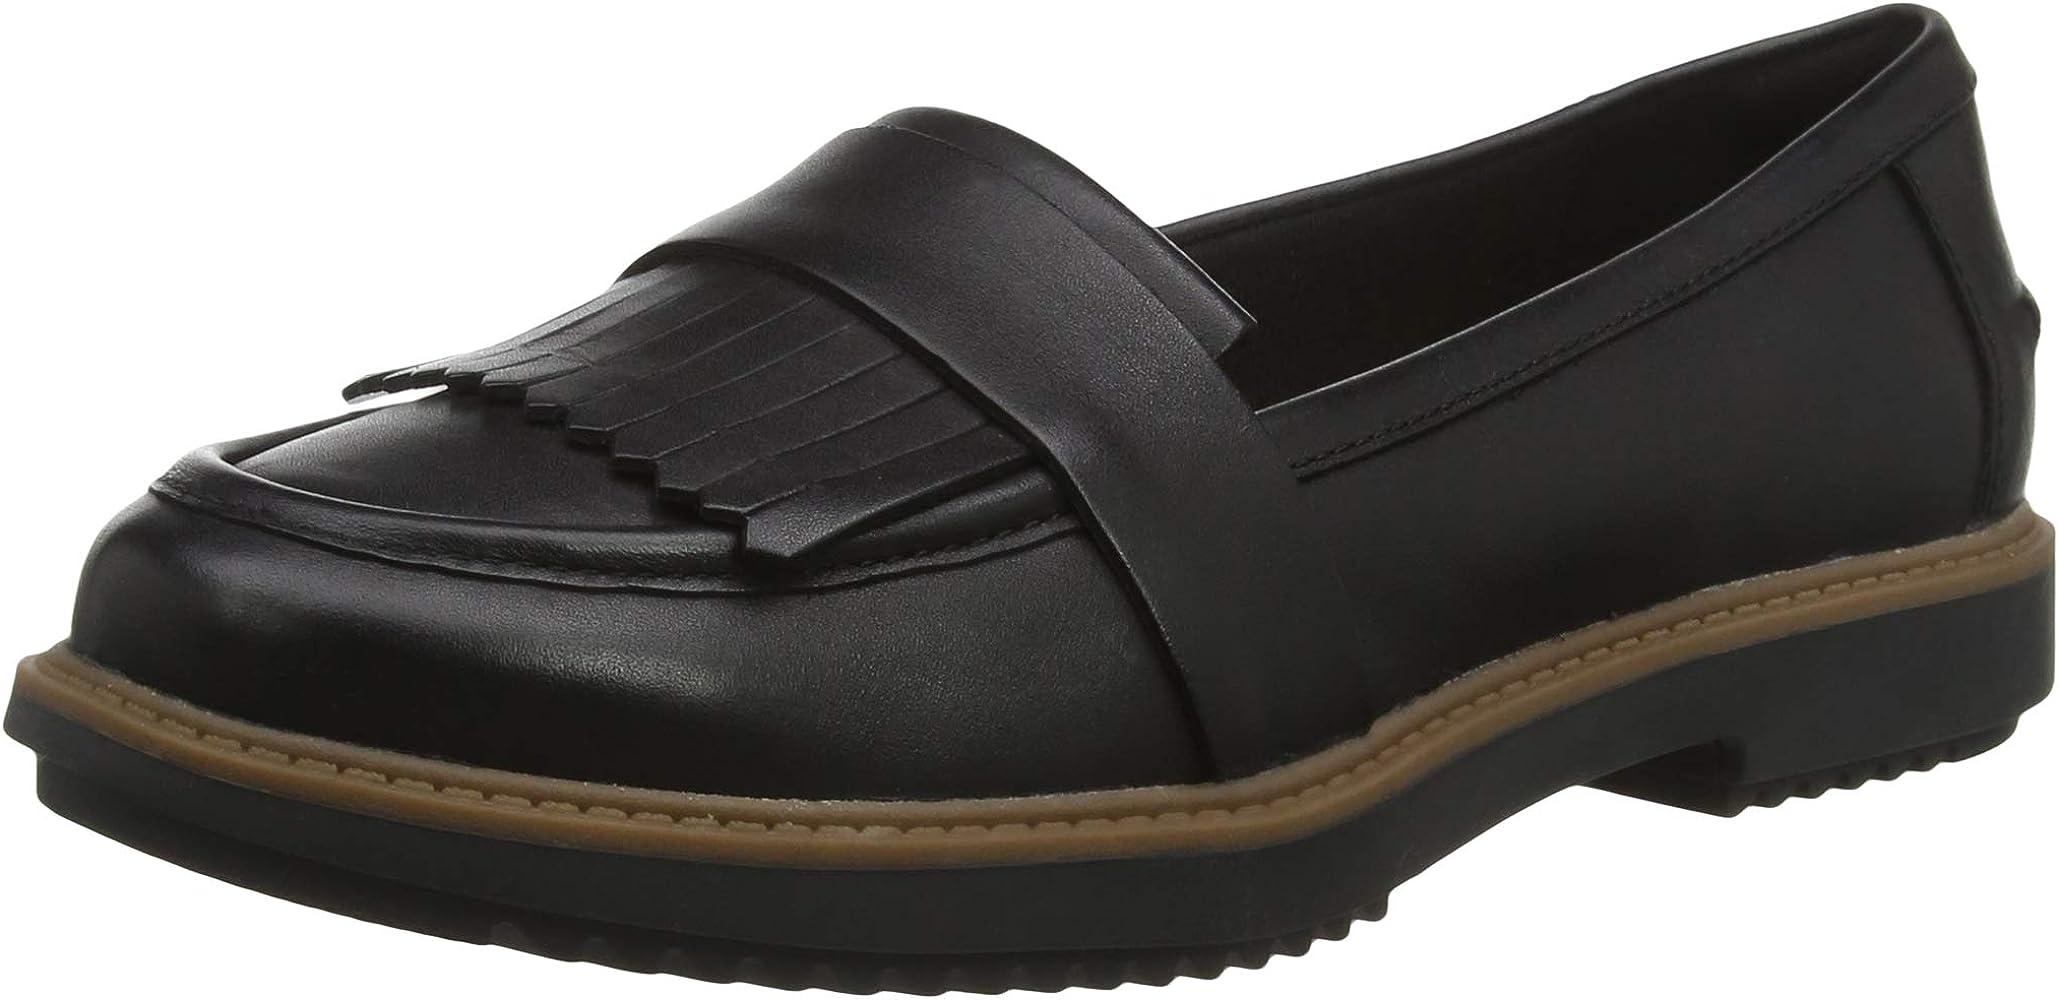 Clarks Raisie Eletta Mocassins (Loafers)